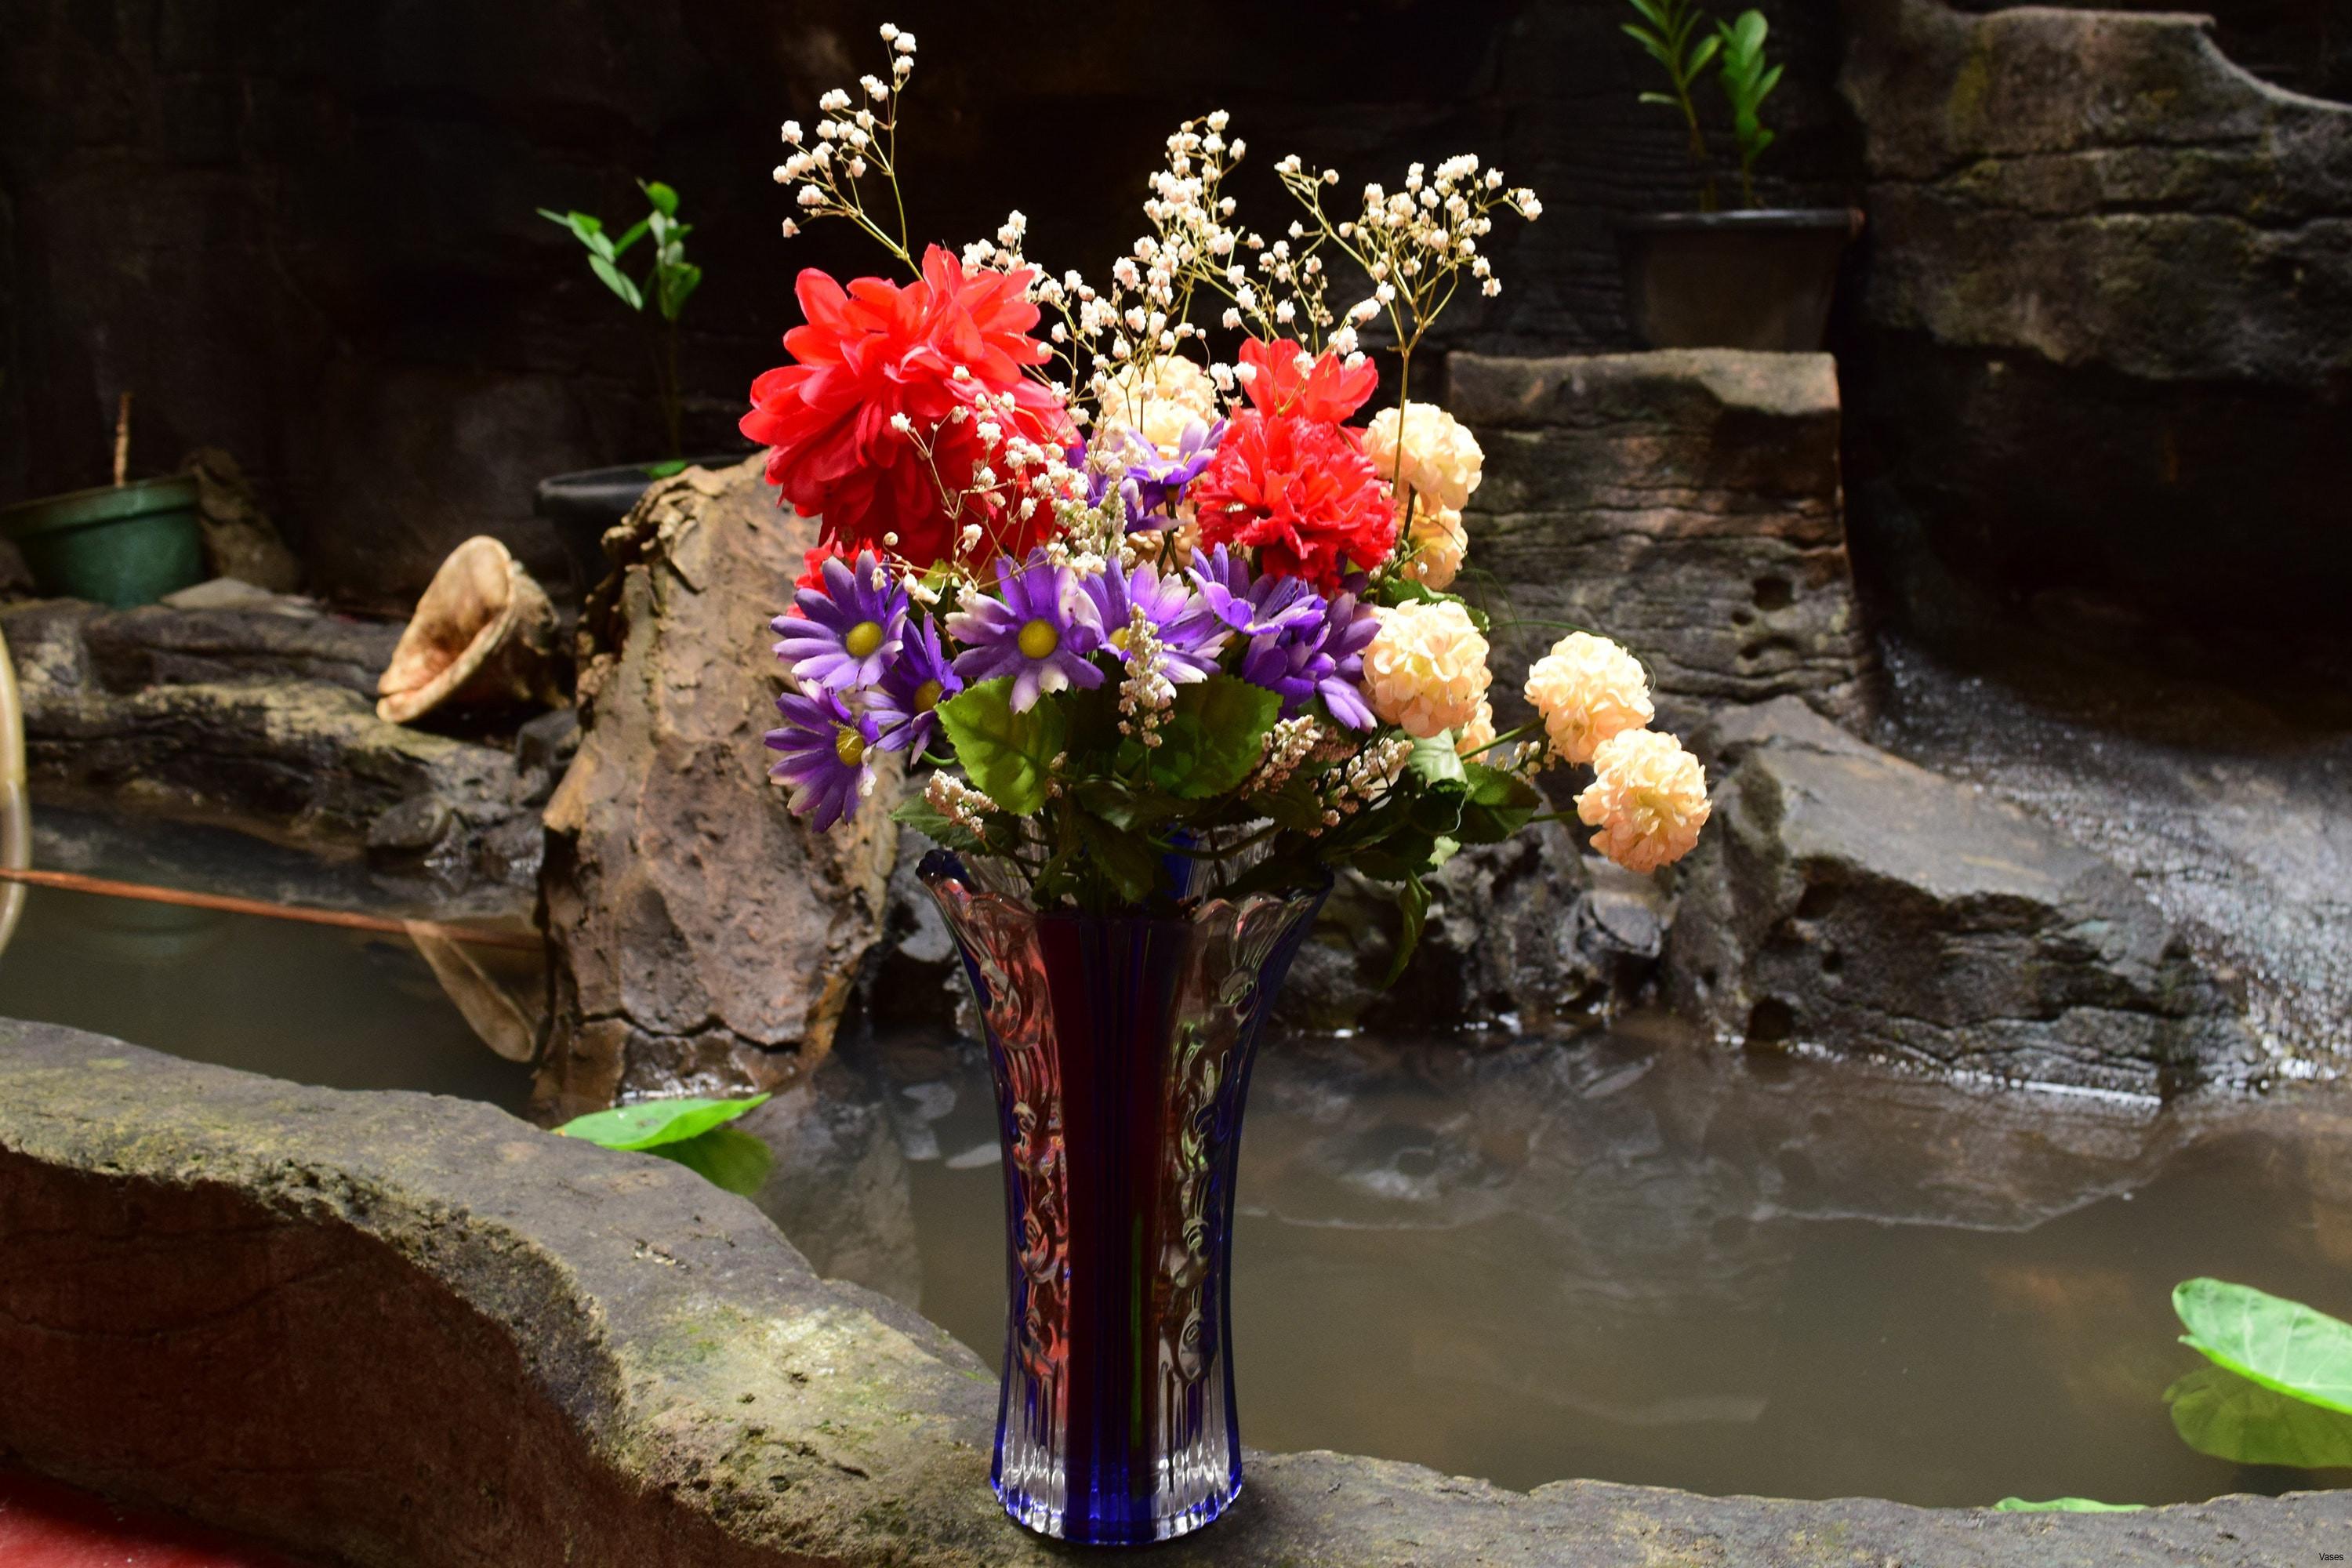 silver pedestal vase of 20 fresh gold cylinder vase bogekompresorturkiye com within floor vases with flowers inspirational gold glass vase inspirational floor vase fillers floor vases with